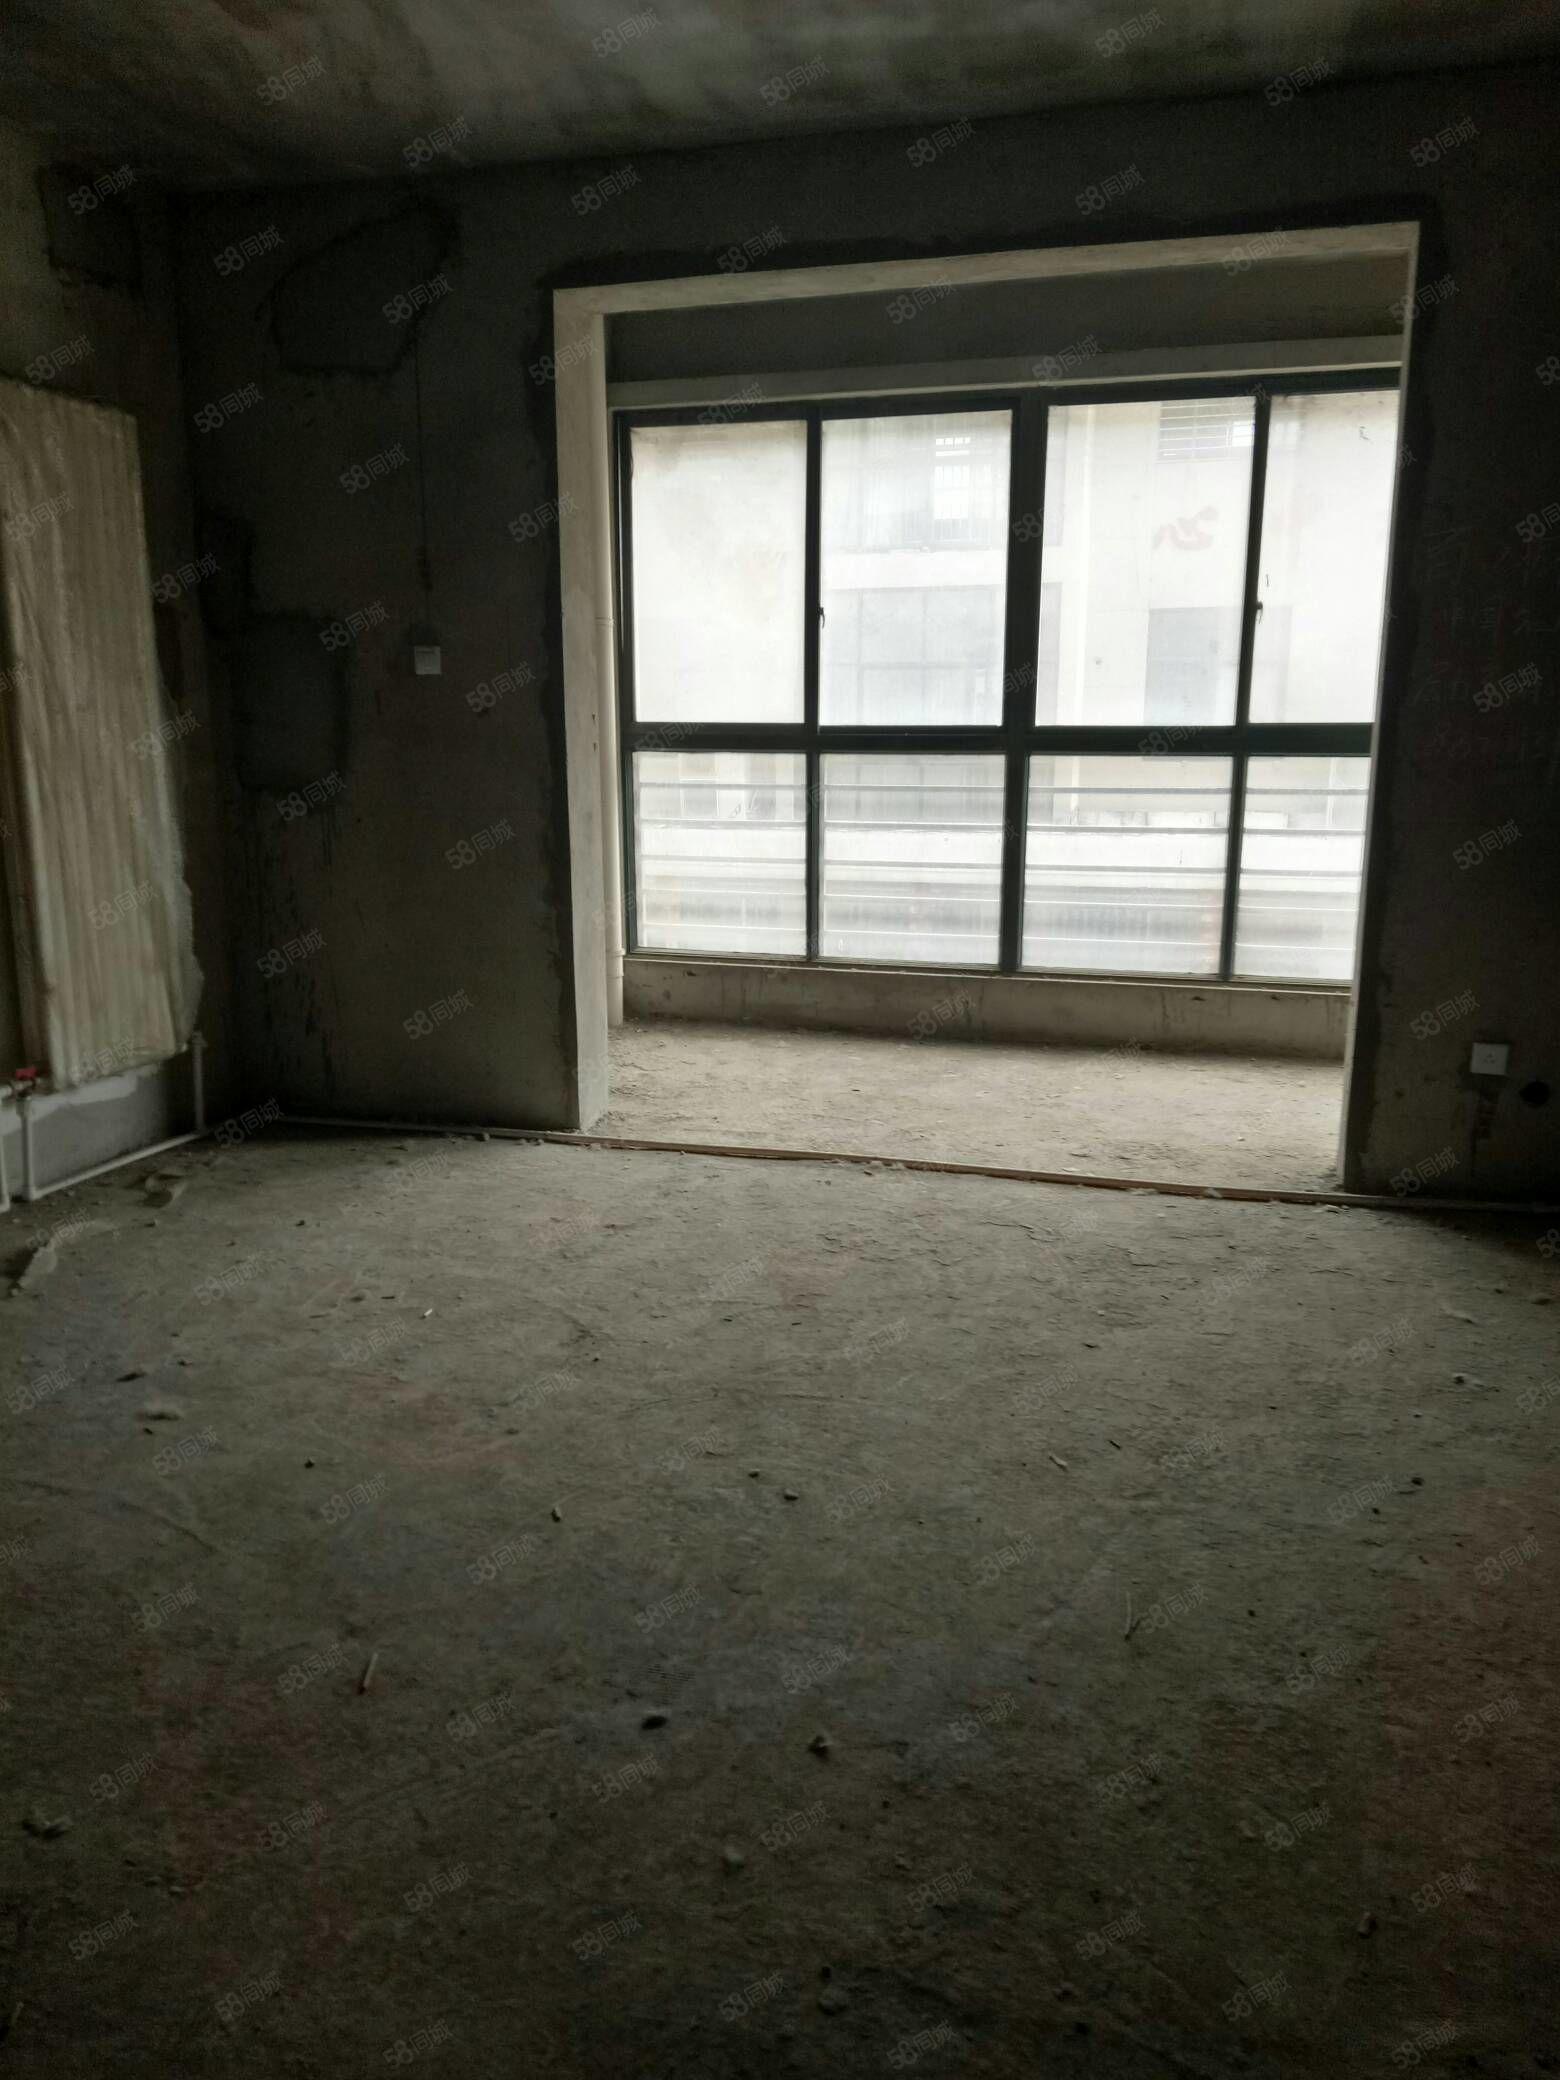 長城華庭電梯2樓三室兩廳兩衛140平毛坯72萬有證能分期